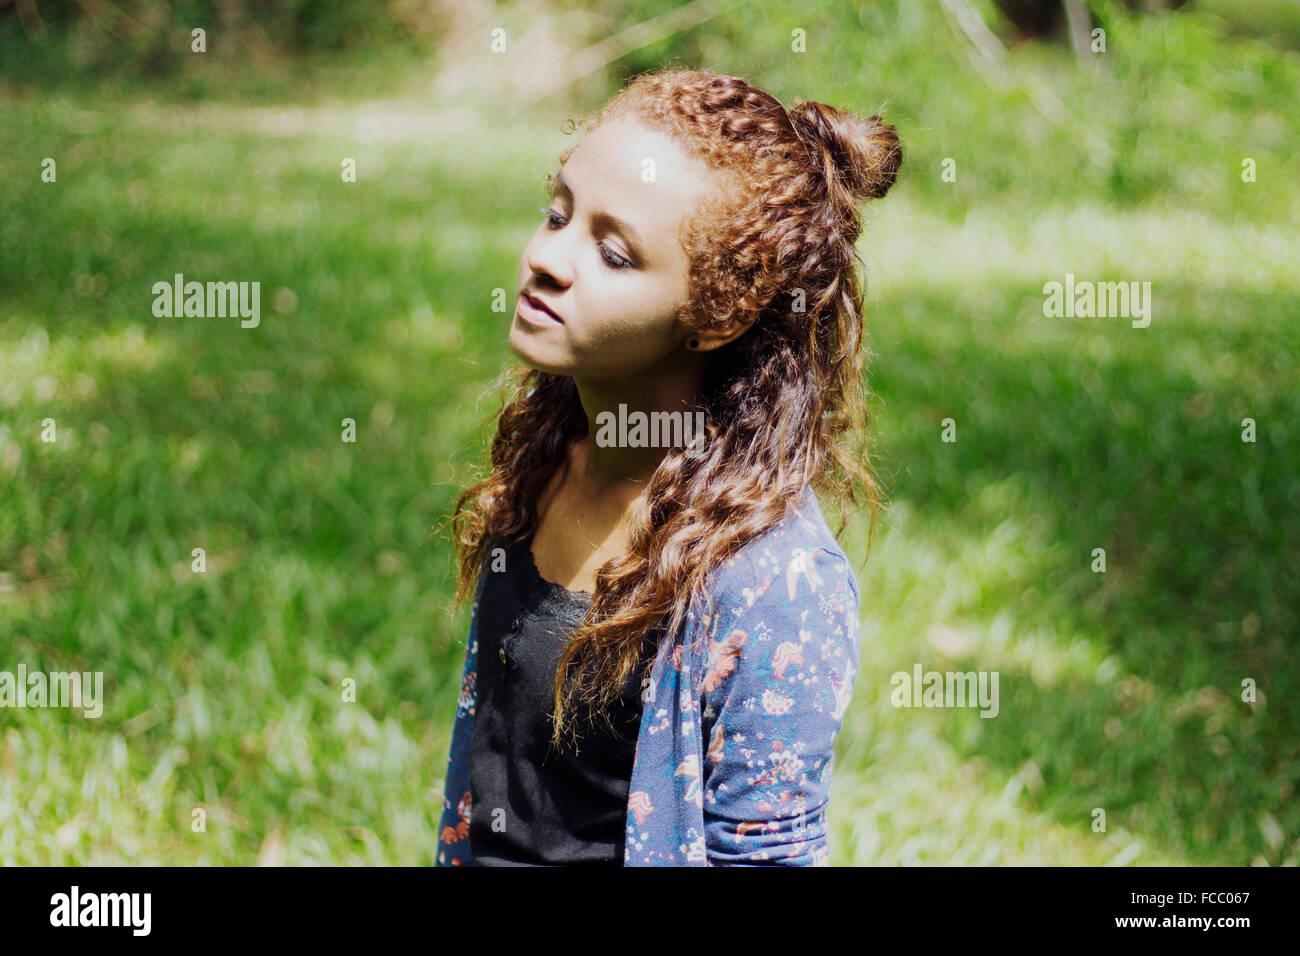 Seitenansicht einer jungen Frau gegen Grasgrün Stockbild